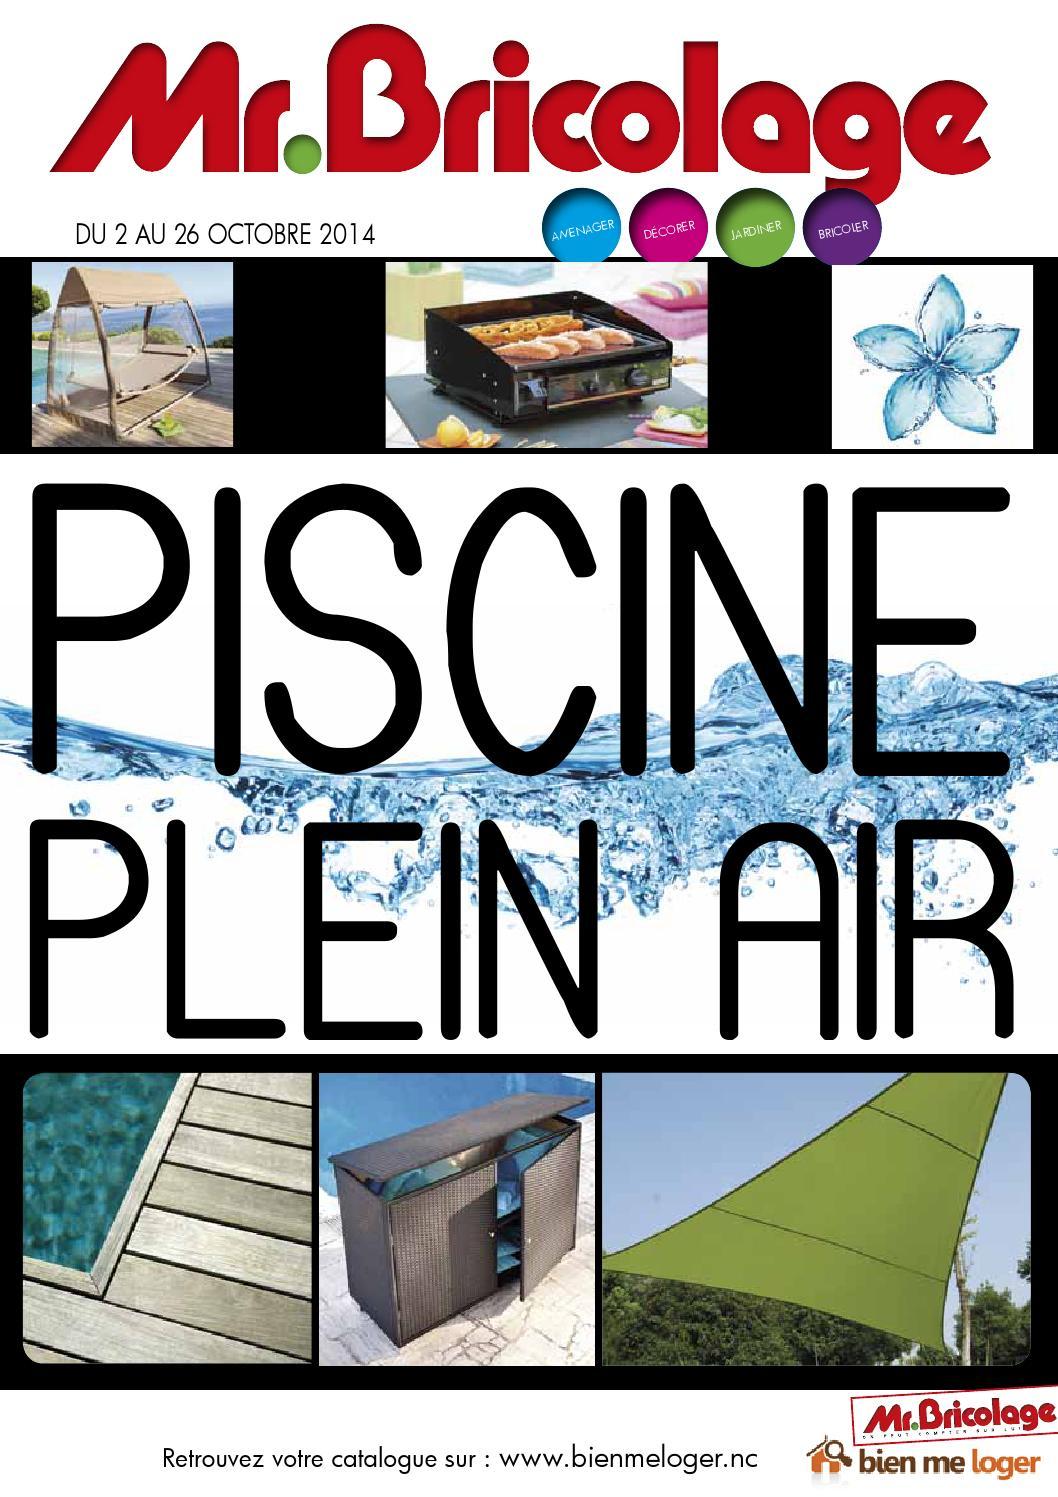 Catalogue M. Bricolage By Skazy - Issuu intérieur Mr Bricolage Piscine